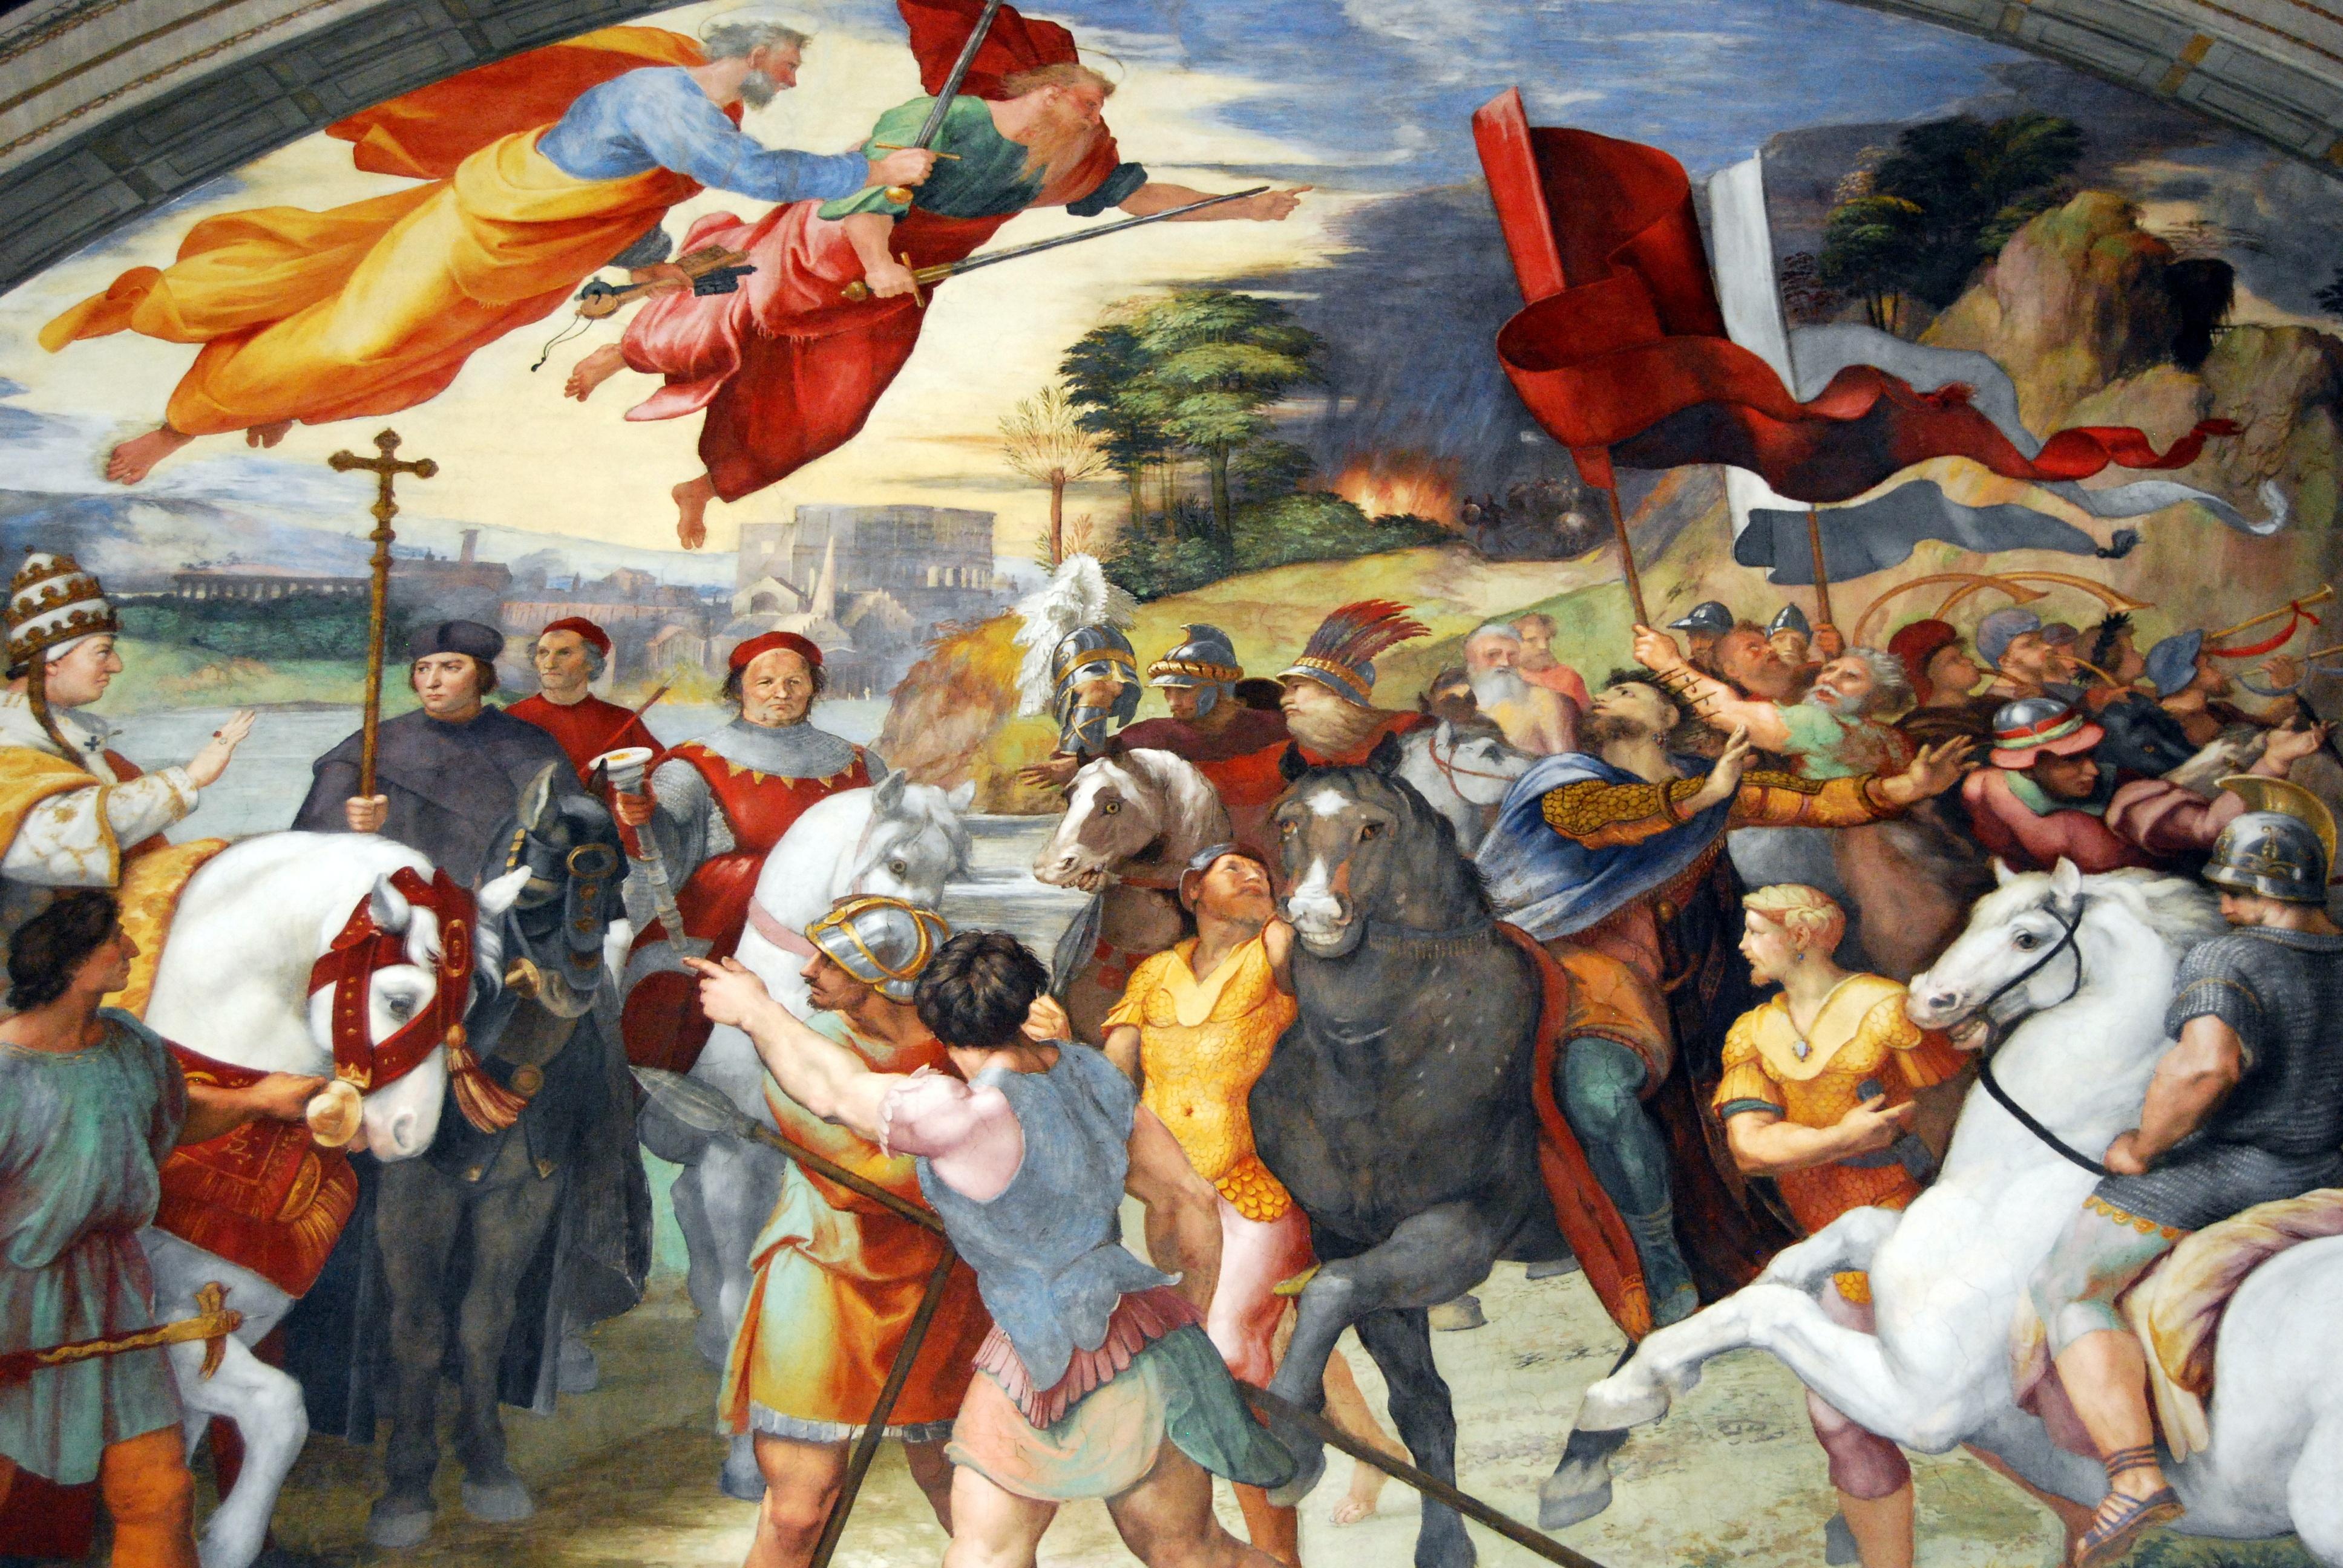 Best Bras 2017 >> Images Gratuites : La peinture, Vatican, mural, fresque ...